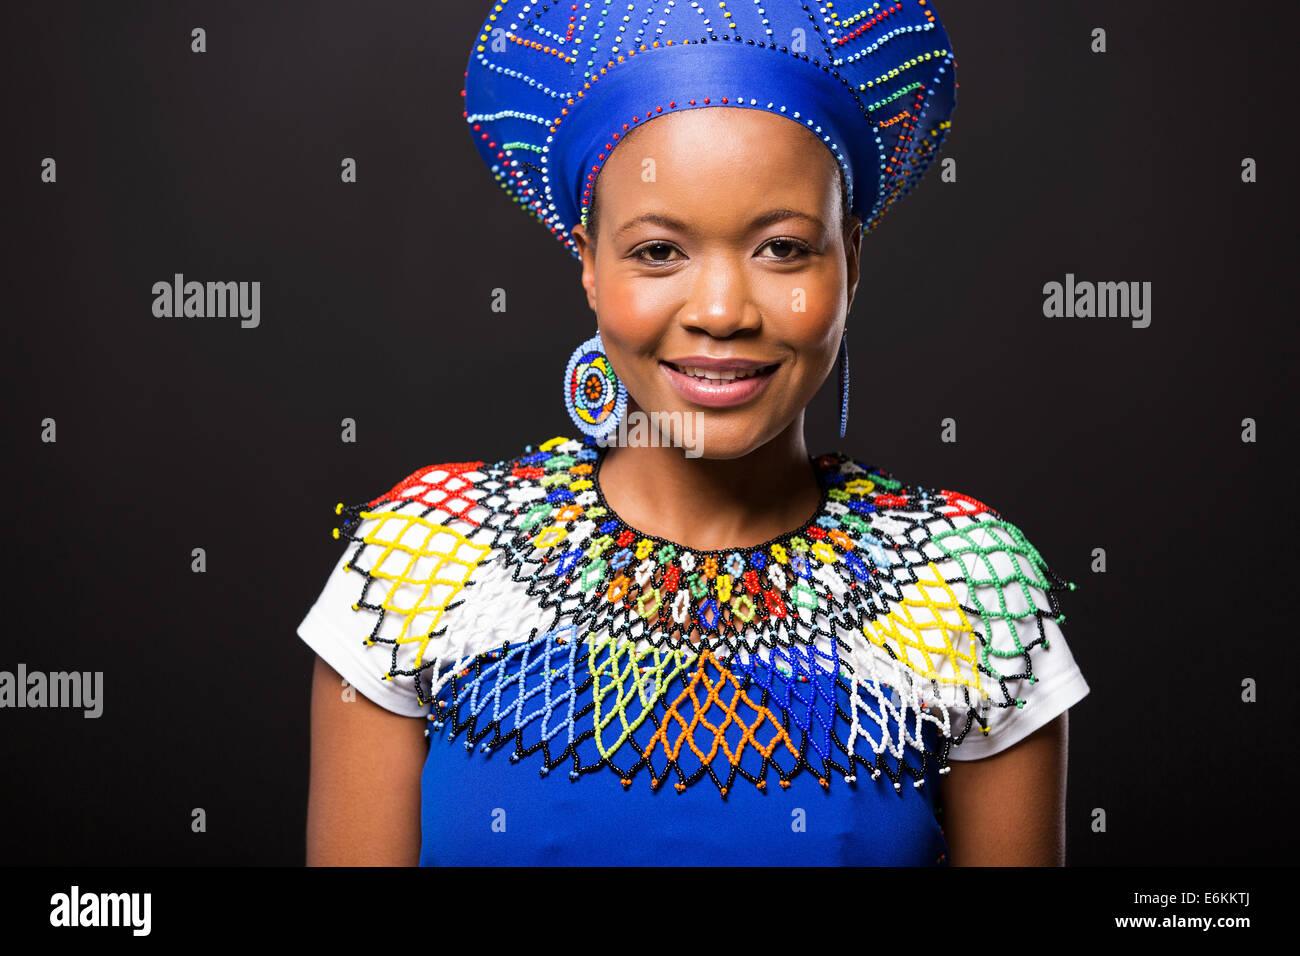 Bella donna africana in abiti tradizionali ritratto su sfondo nero Immagini Stock